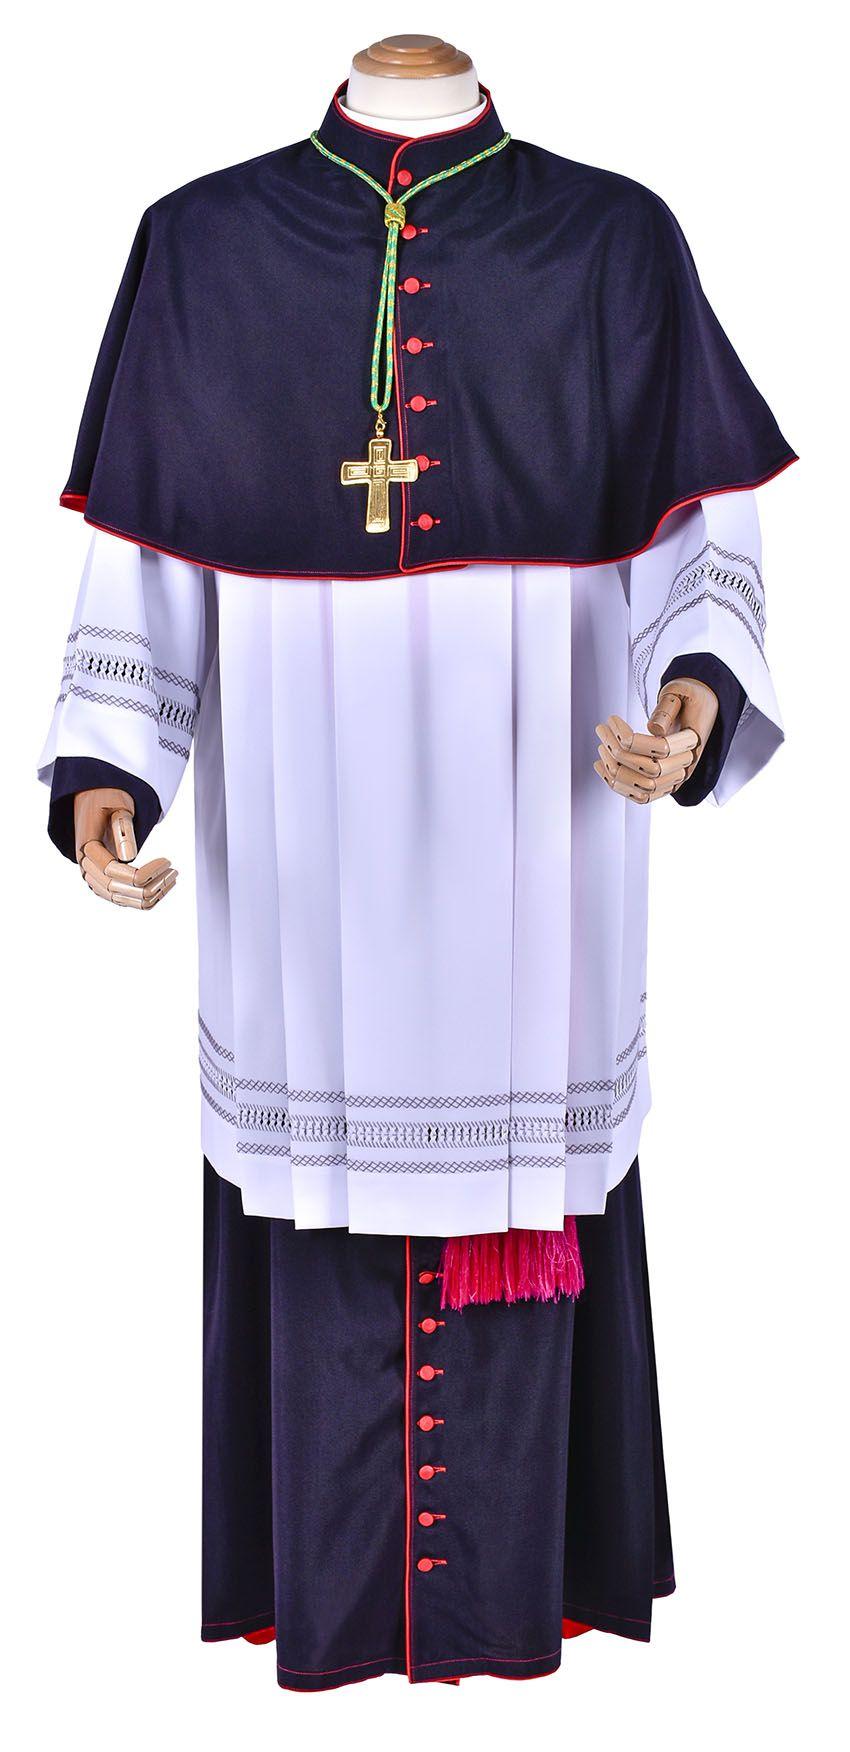 Episcopal Roman Cassock Model BT401